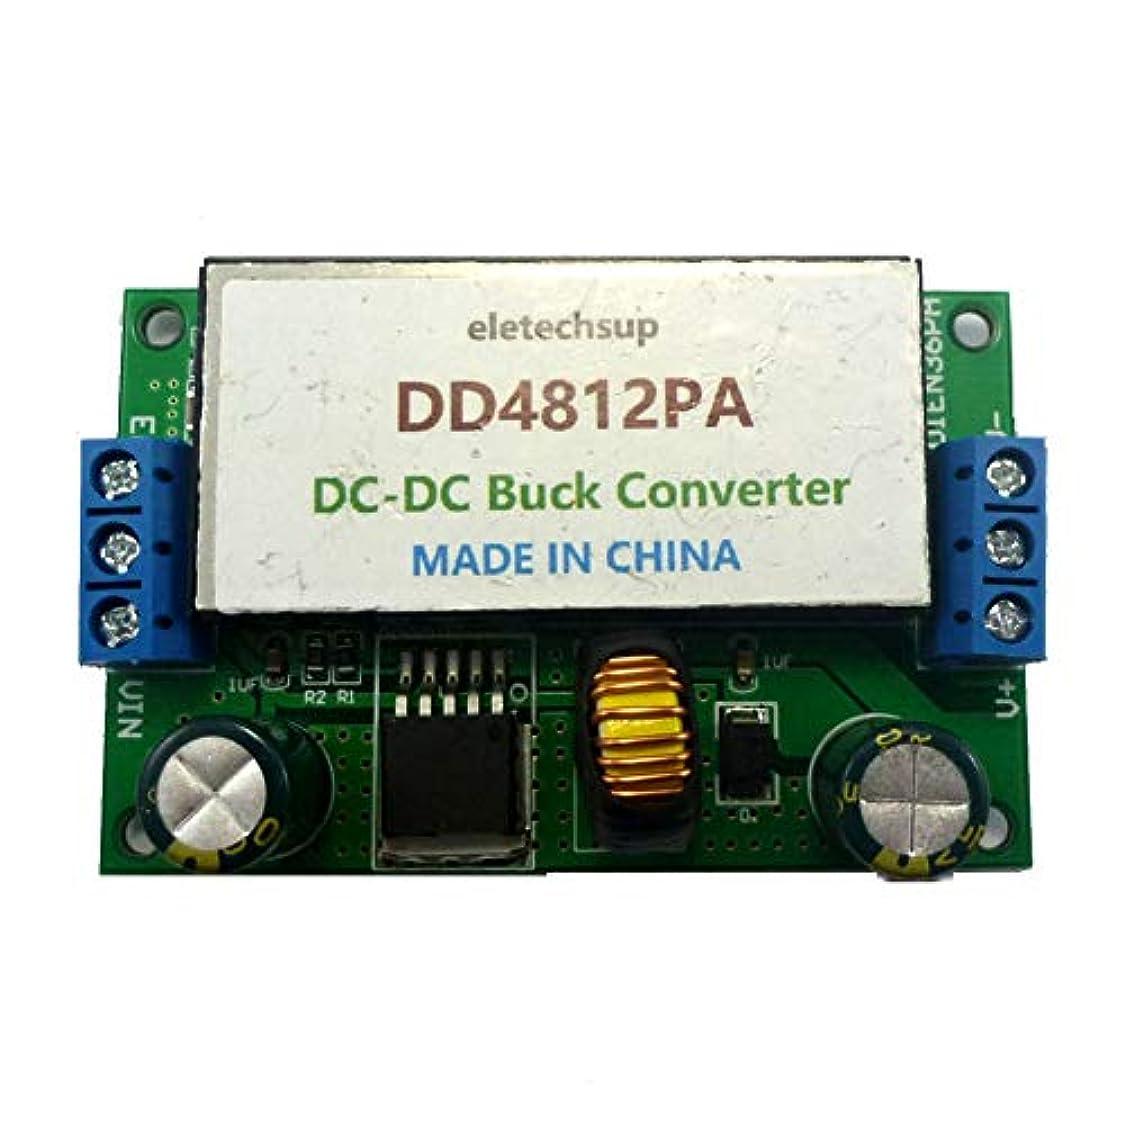 臨検岩フィードバックAylincool絶縁DC-DCステップアップダウンコンバータ5V 6V 9V 12V 15V 24Vからオーディオスピーカー用±12V±15V